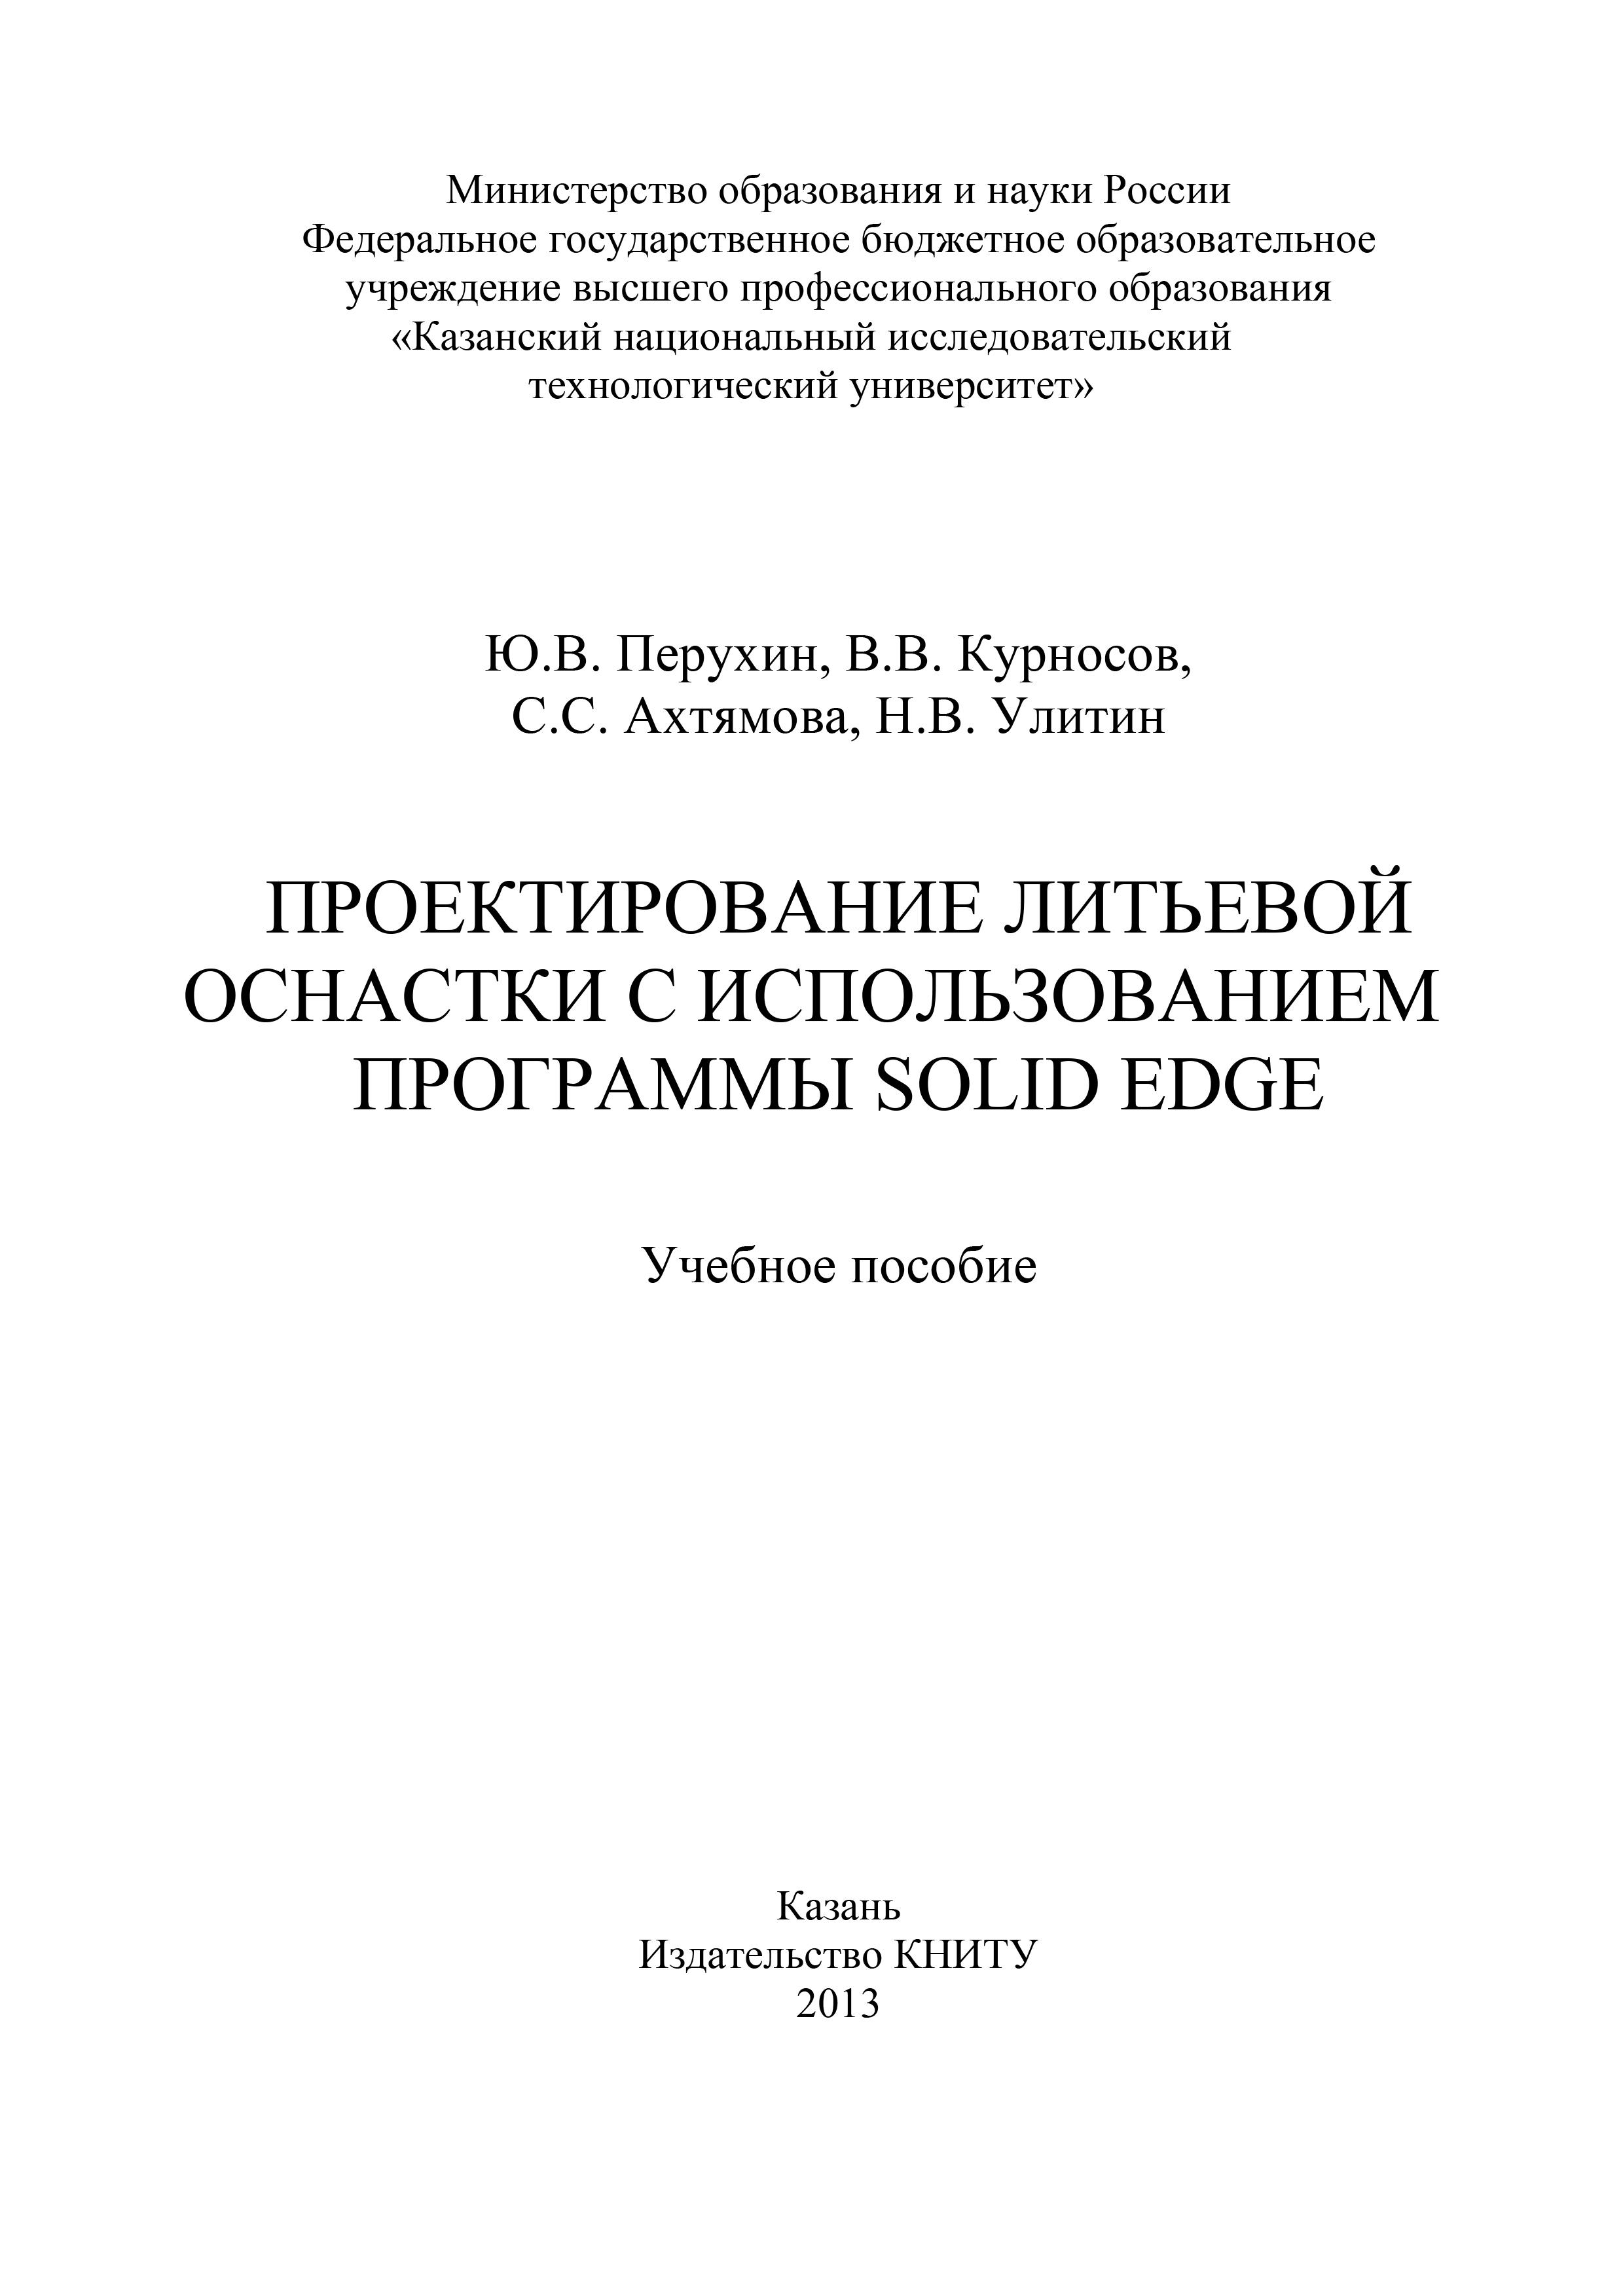 С. Ахтямова Проектирование литьевой оснастки с использованием программы Solid Edge мышь oklick 775g black blue